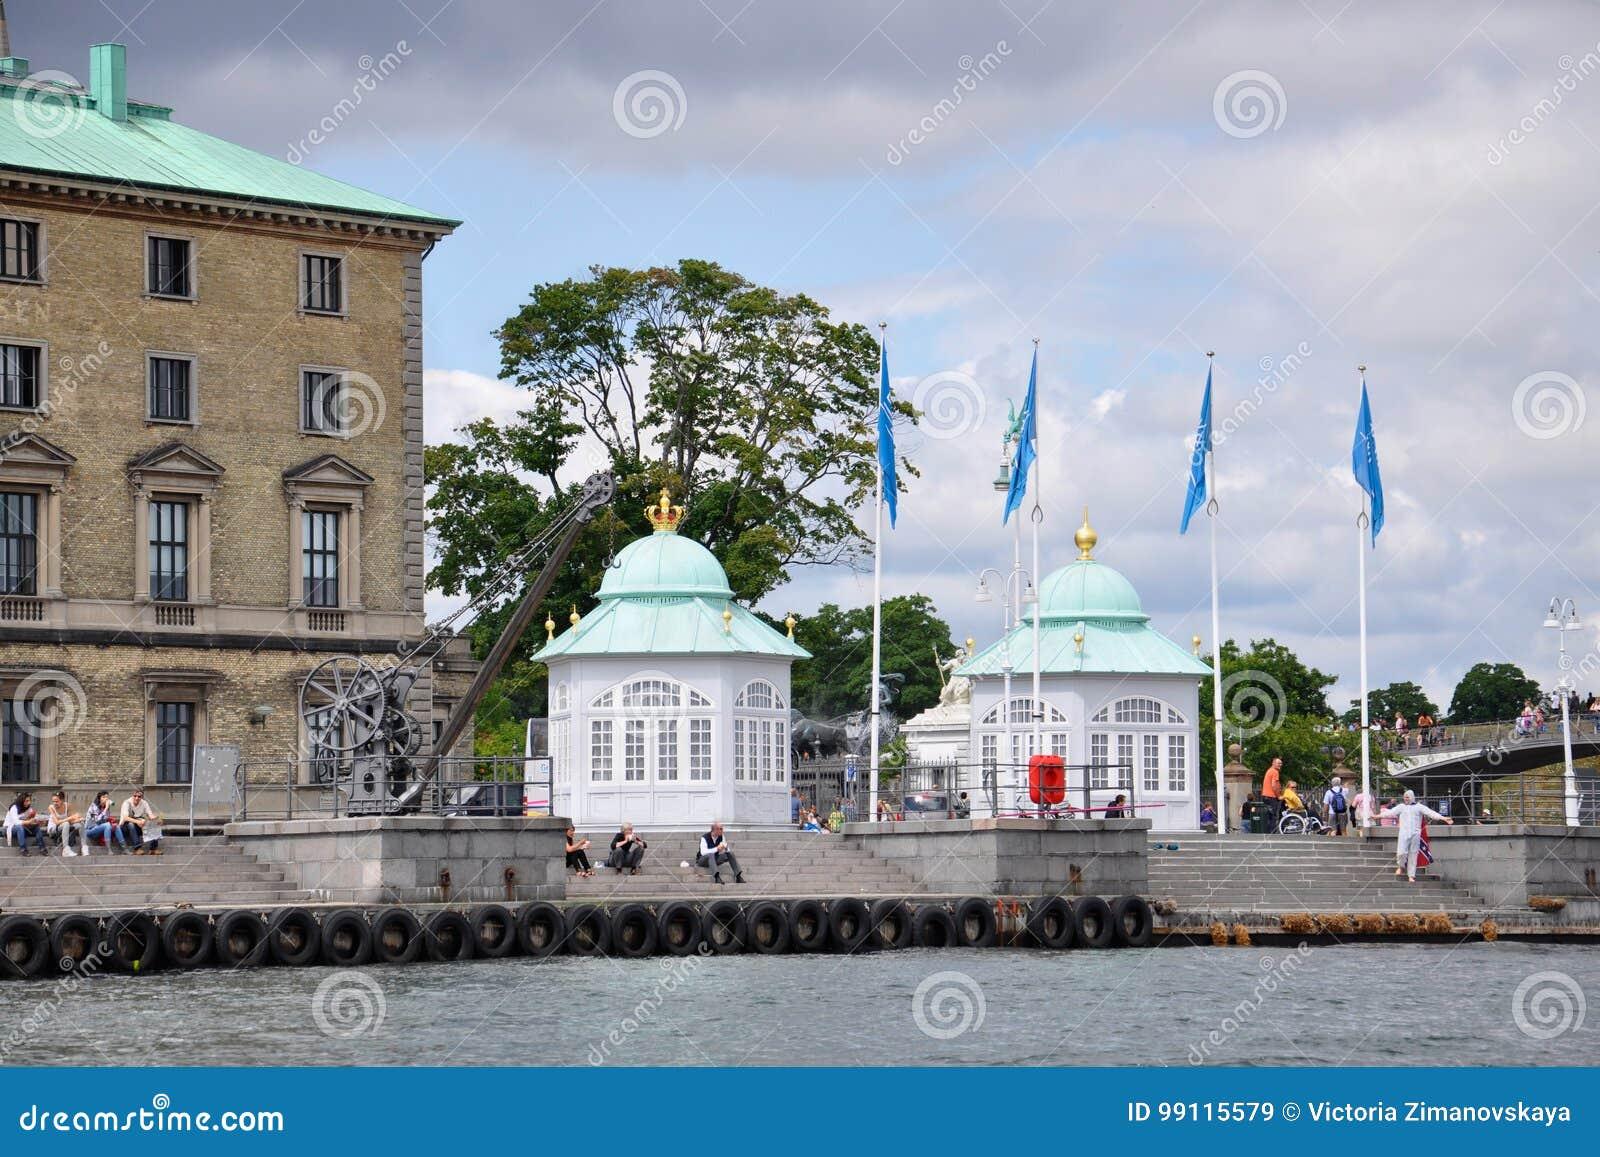 Langelinie: paviljoenen met groene koepels, antieke kraan en mensen op vakantie